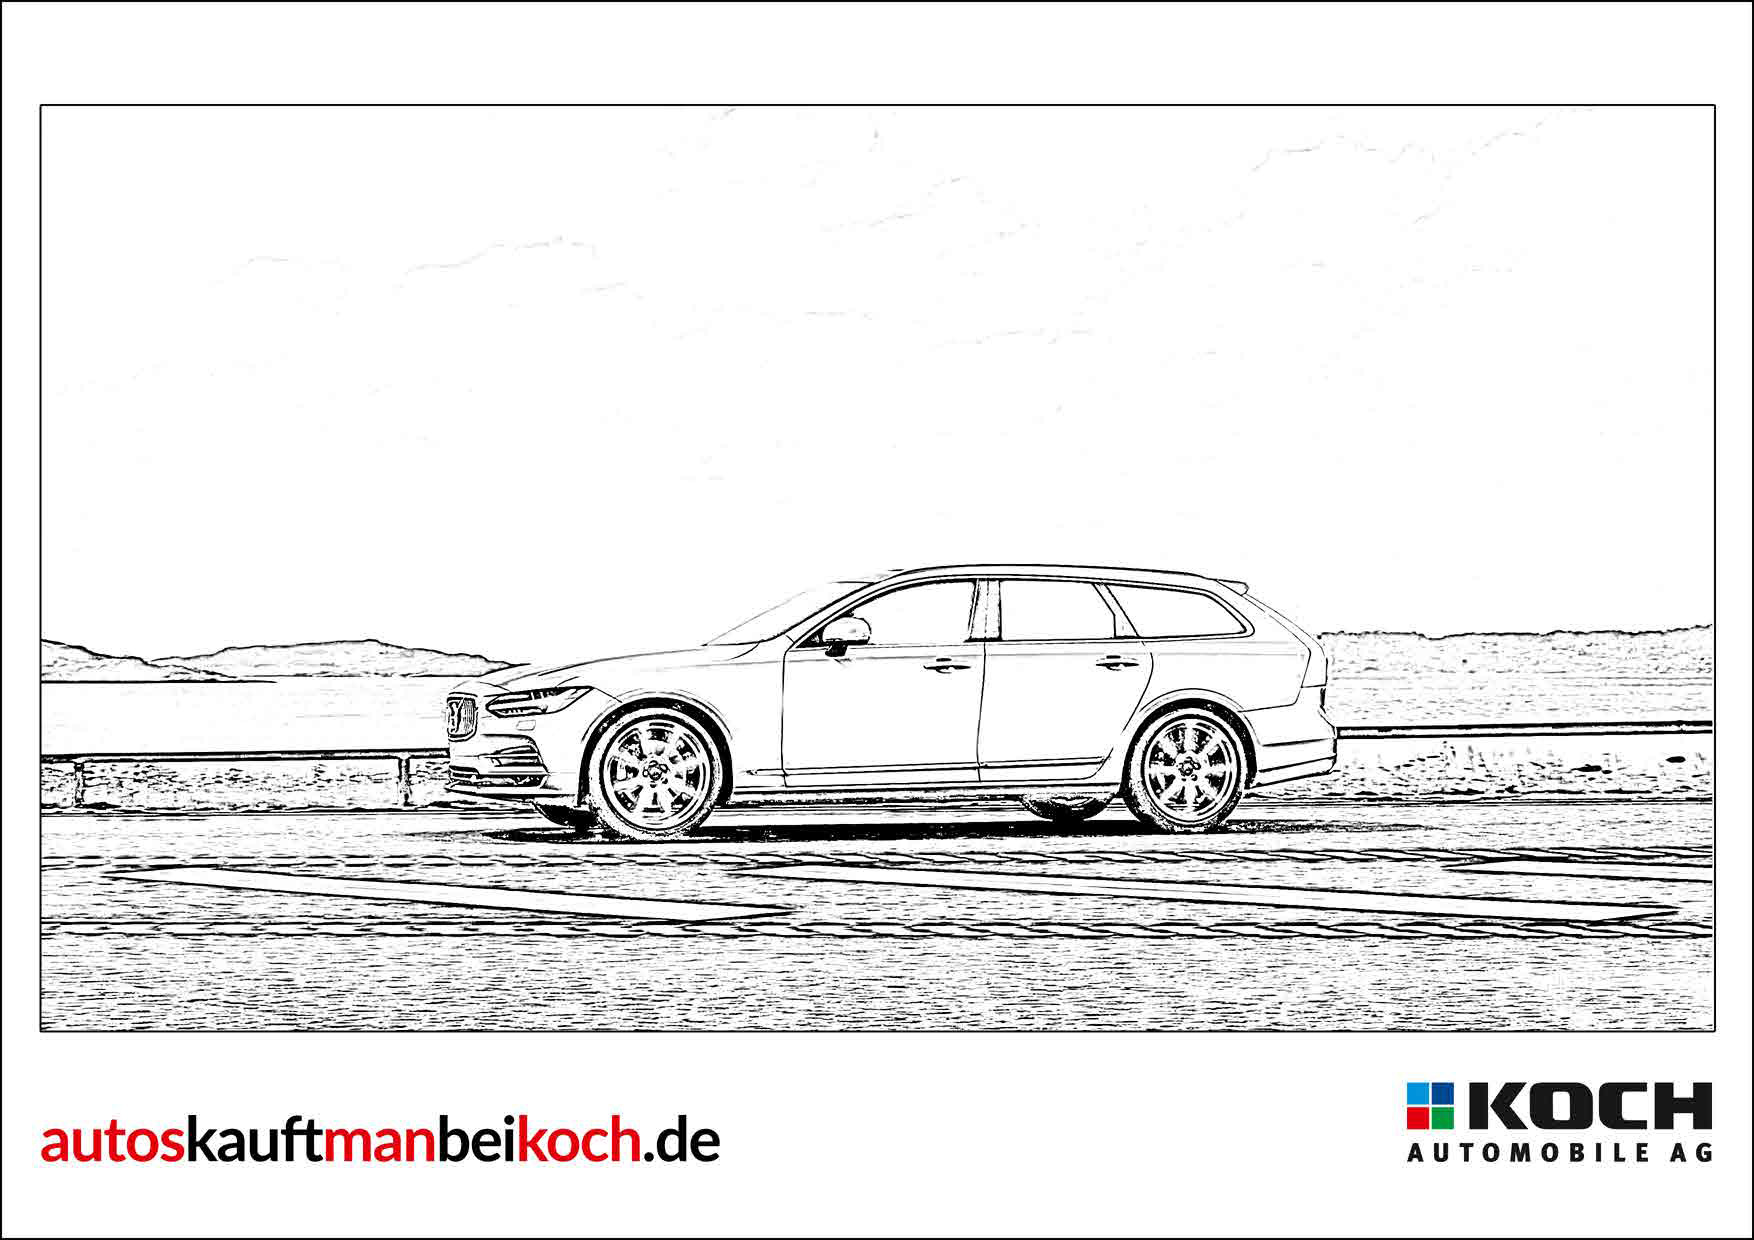 Ausmalbilder Auto Skoda : Malvorlagen Autos Kauft Man Bei Koch Gute Preise Guter Service